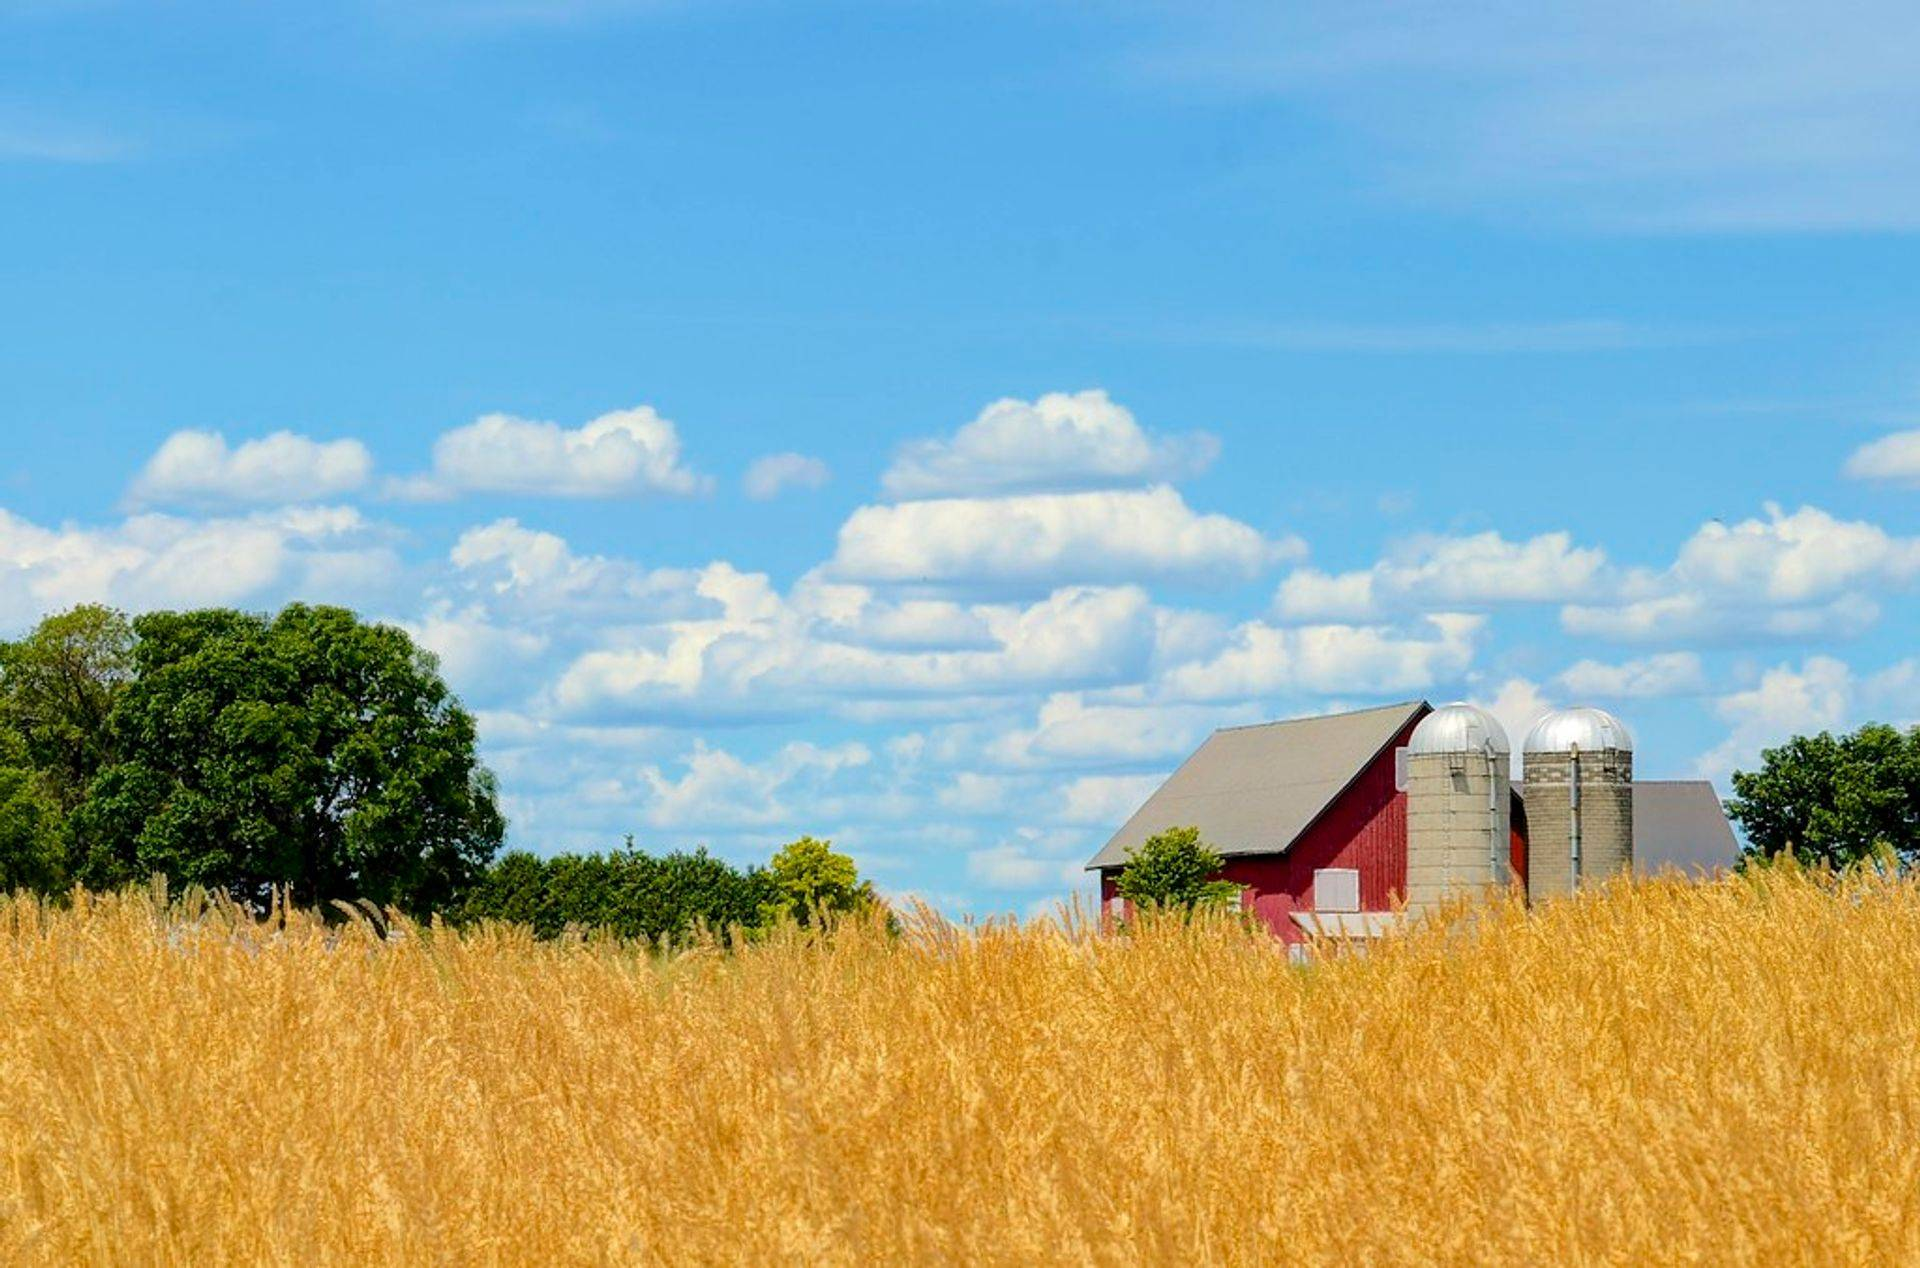 pituresque farm on the plains